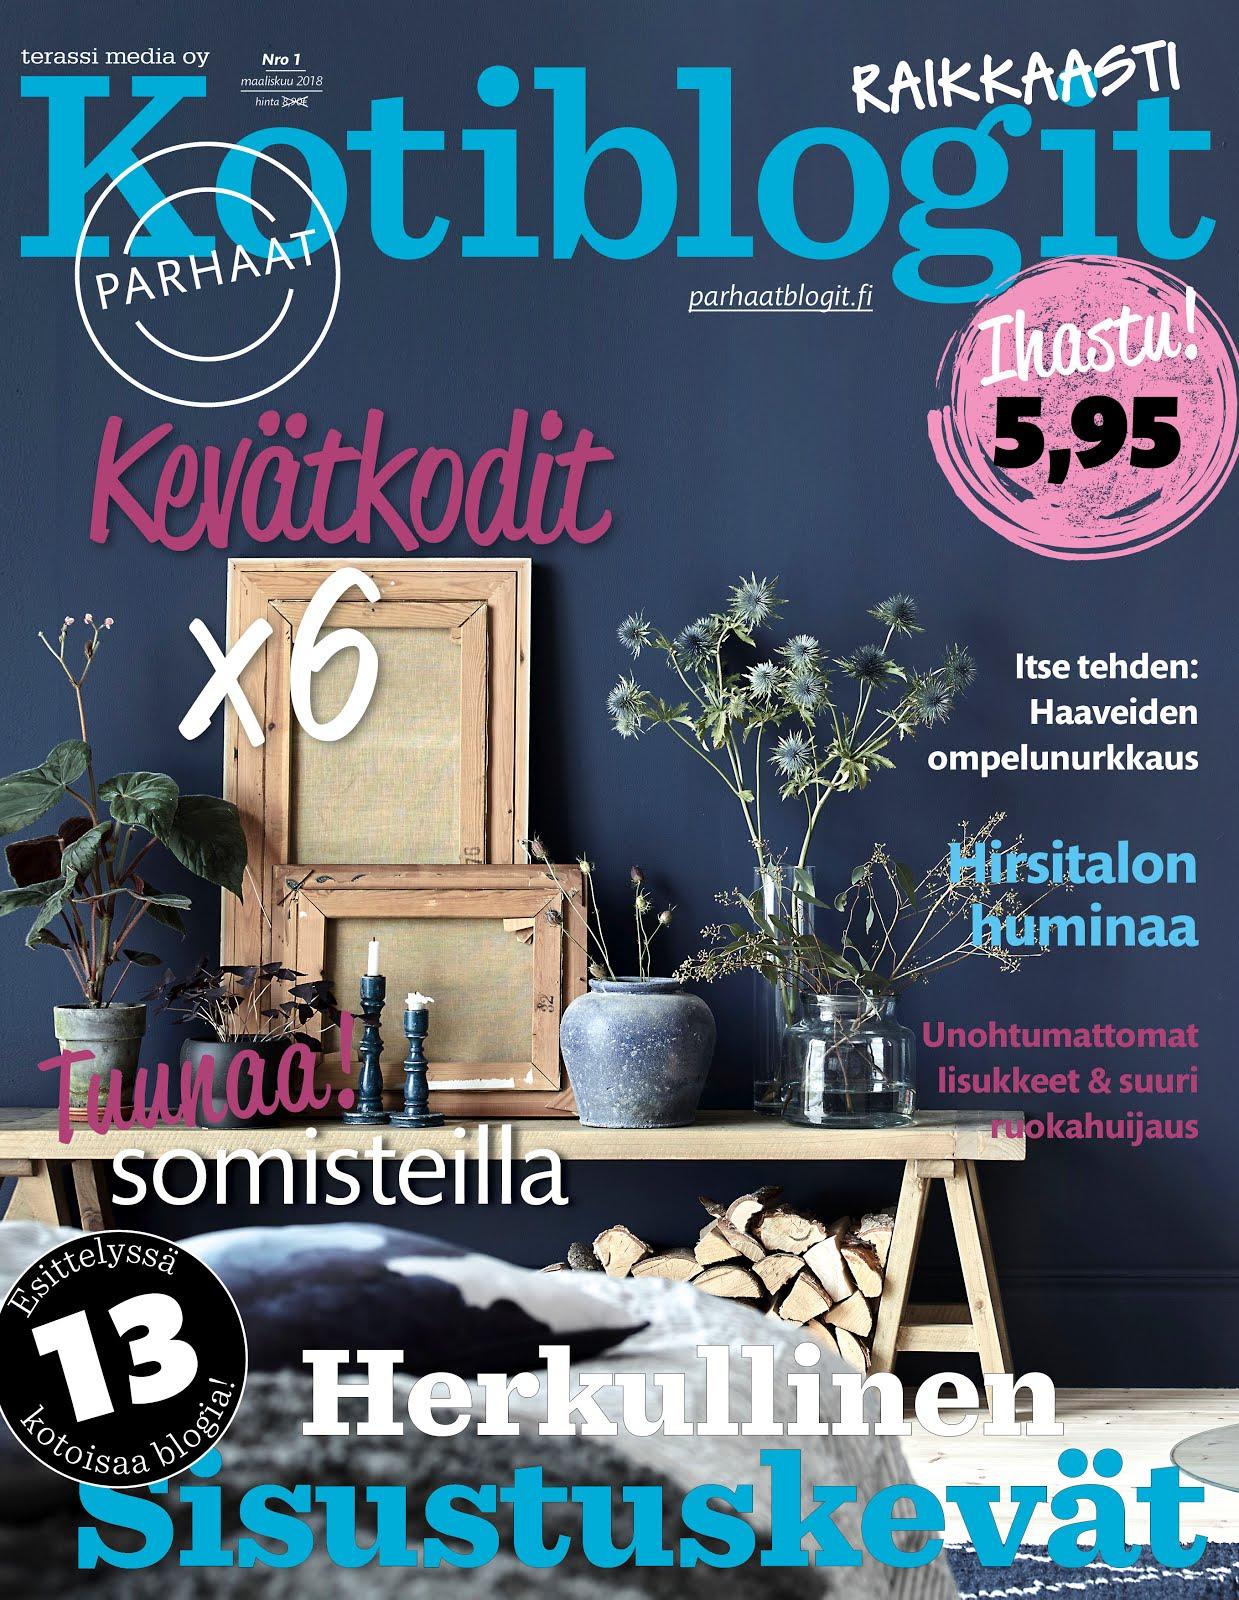 Parhaat Kotiblogit -lehdessä 3/2018